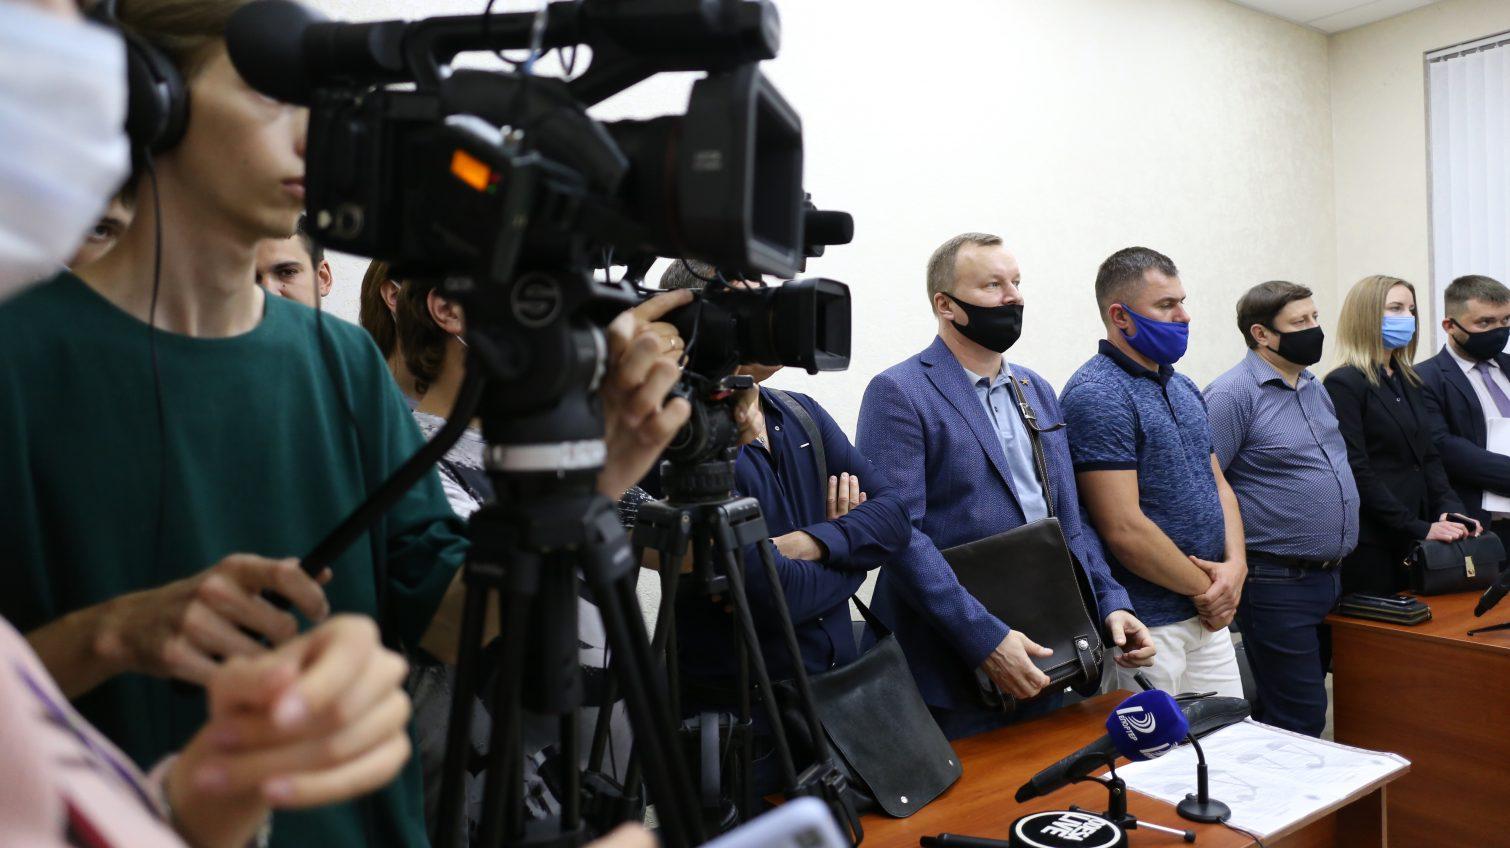 Общественники через суд пытались отменить регистрацию Труханова на пост мэра: уверены, что он до сих пор гражданин РФ «фото»